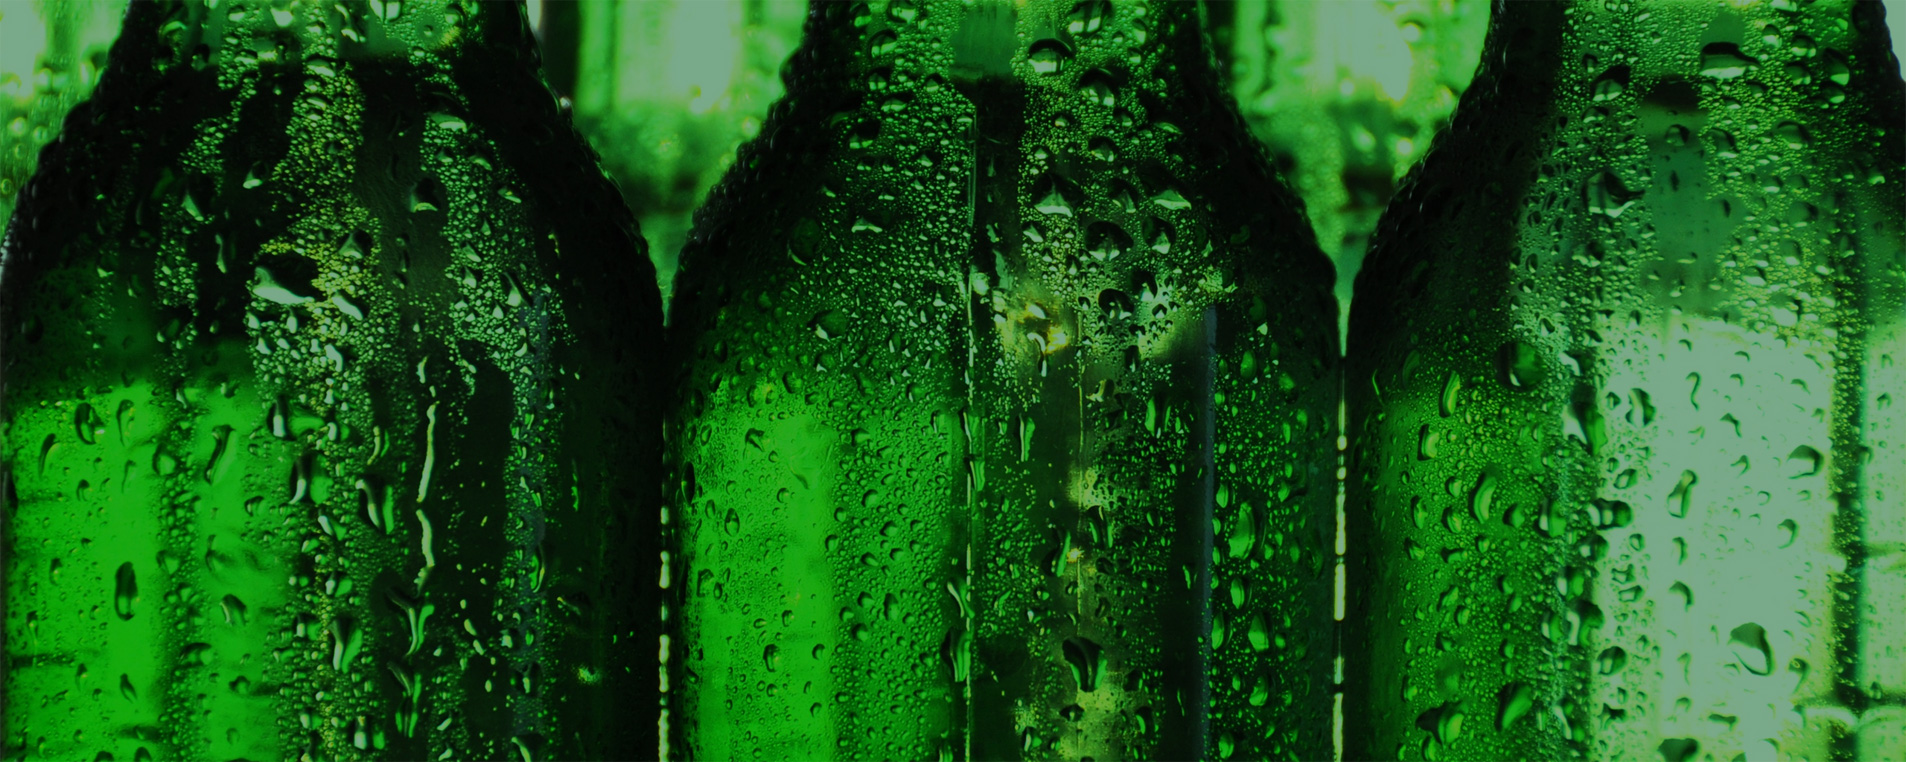 tuborg øl på tilbud